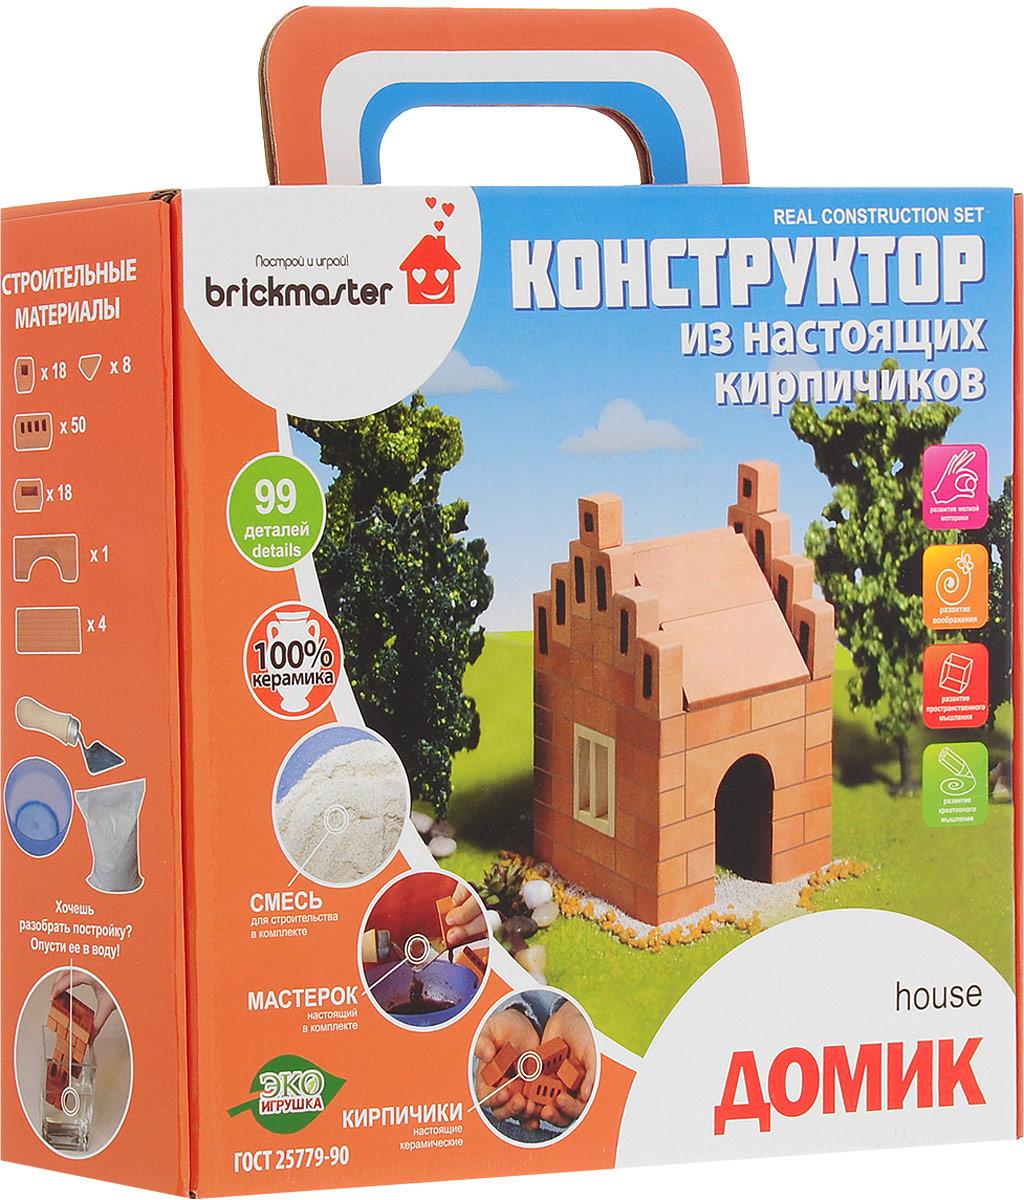 Brickmaster Конструктор Домик brickmaster brickmaster конструктор крепость 2 в 1 119 деталей page 2